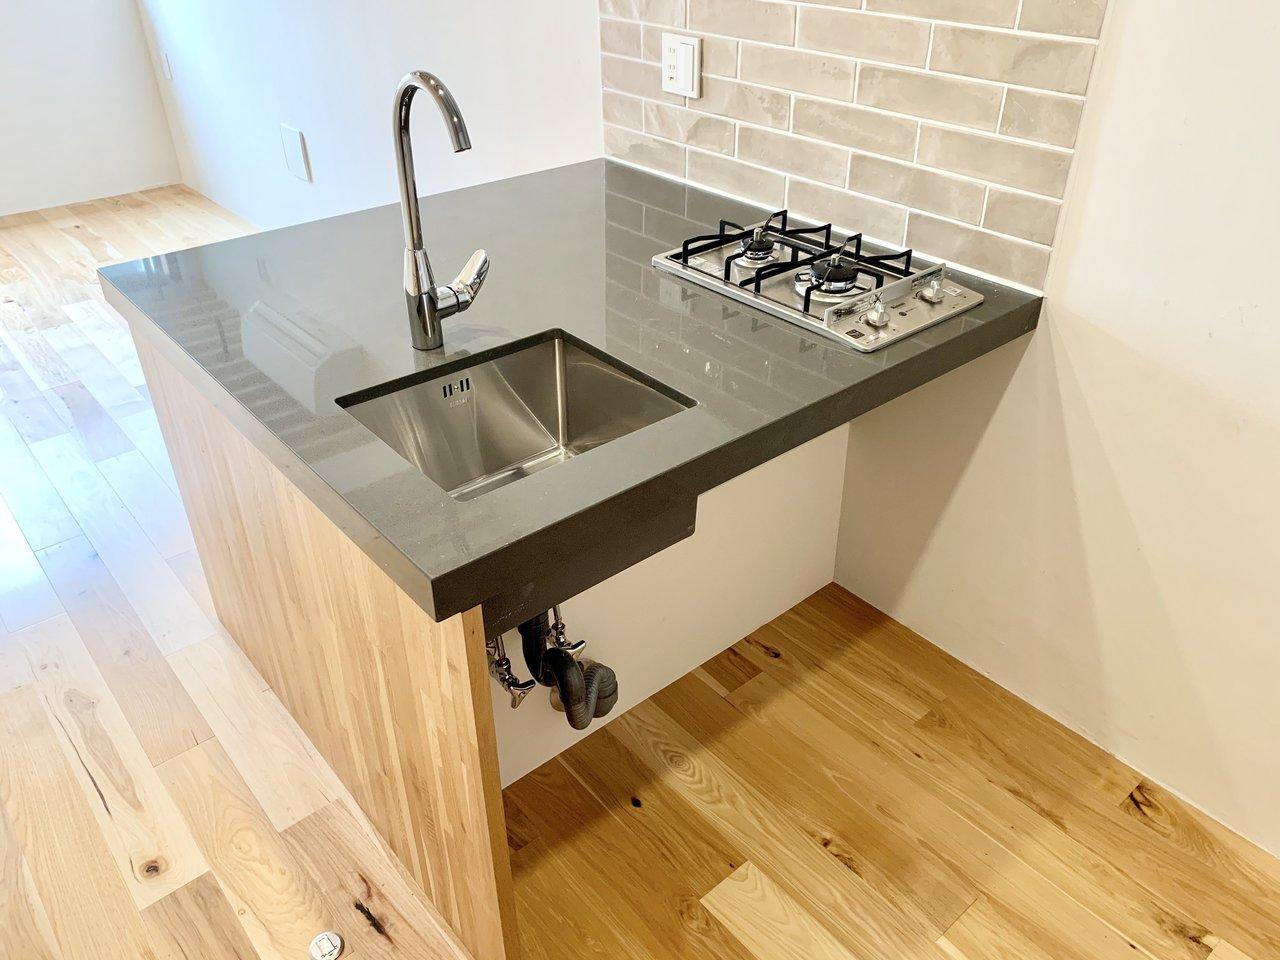 キッチンは二口ガスコンロつき。背面には収納スペースもあるので、食器や調理器具を置くのにも困らなそう。